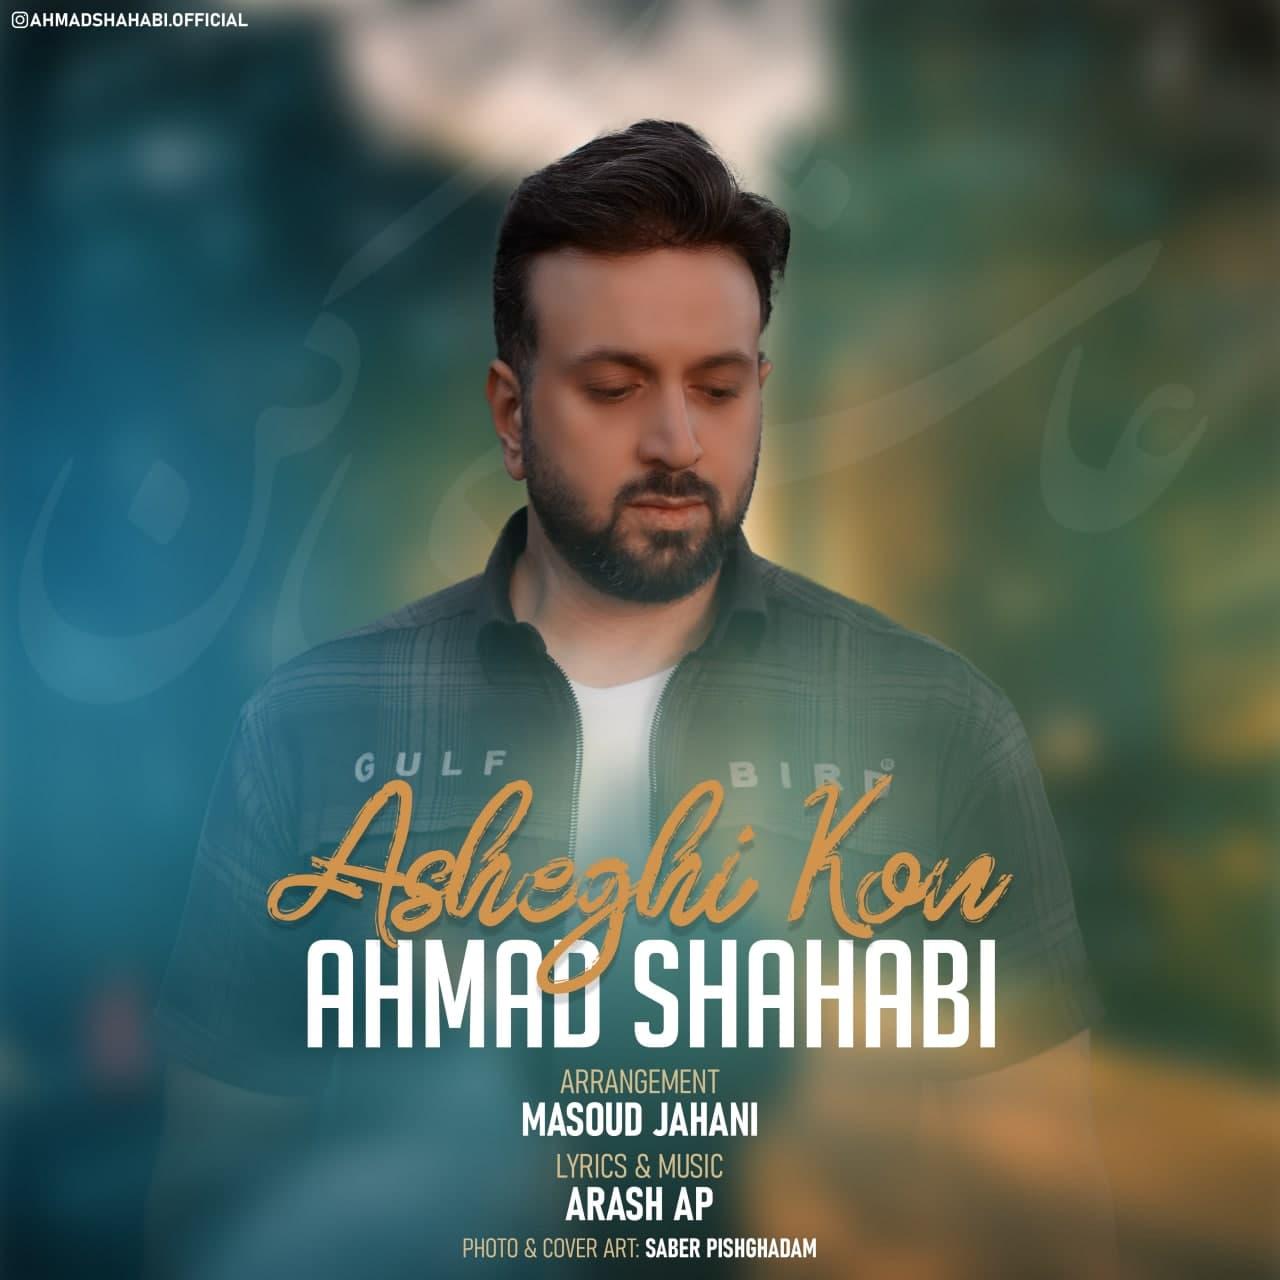 دانلود موزیک جدید عاشقی کن از احمد شهابی